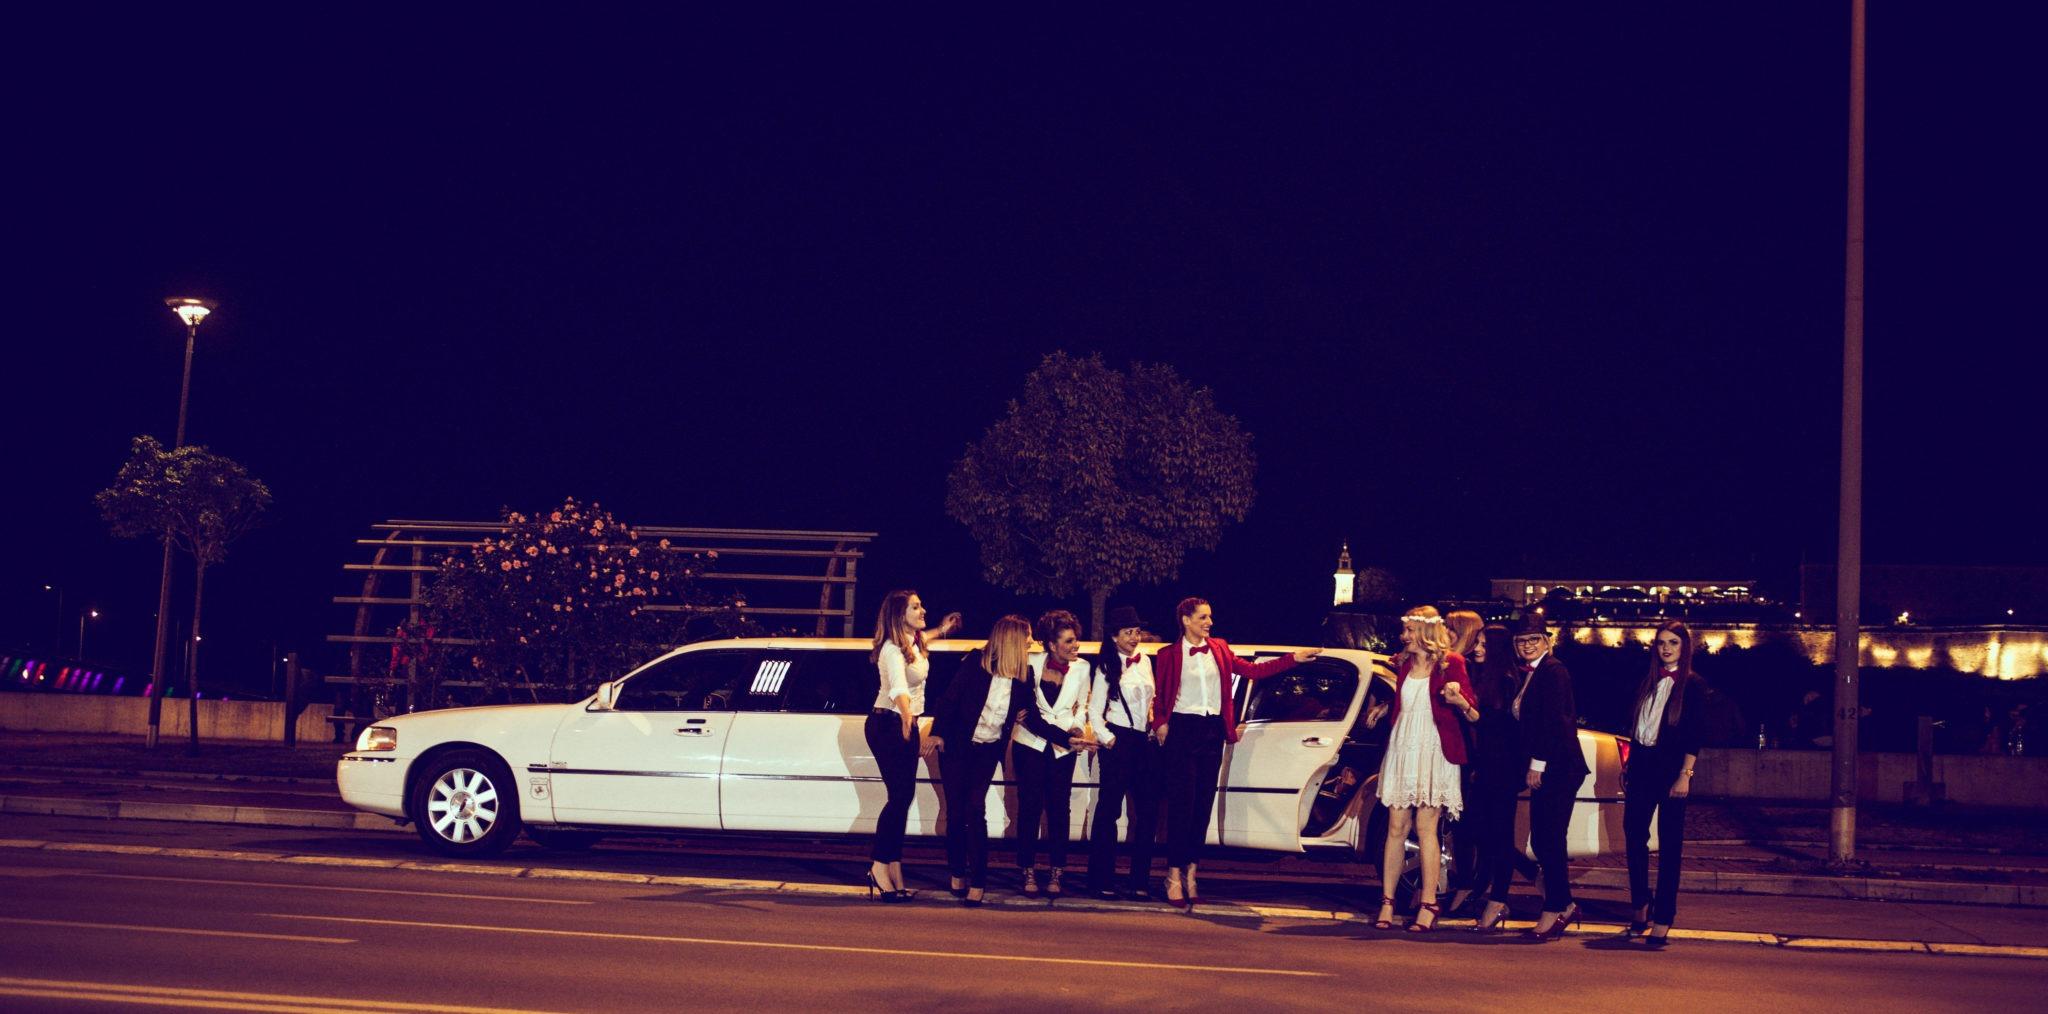 Iznajmljivanje limuzina za momačko - devojačko veče